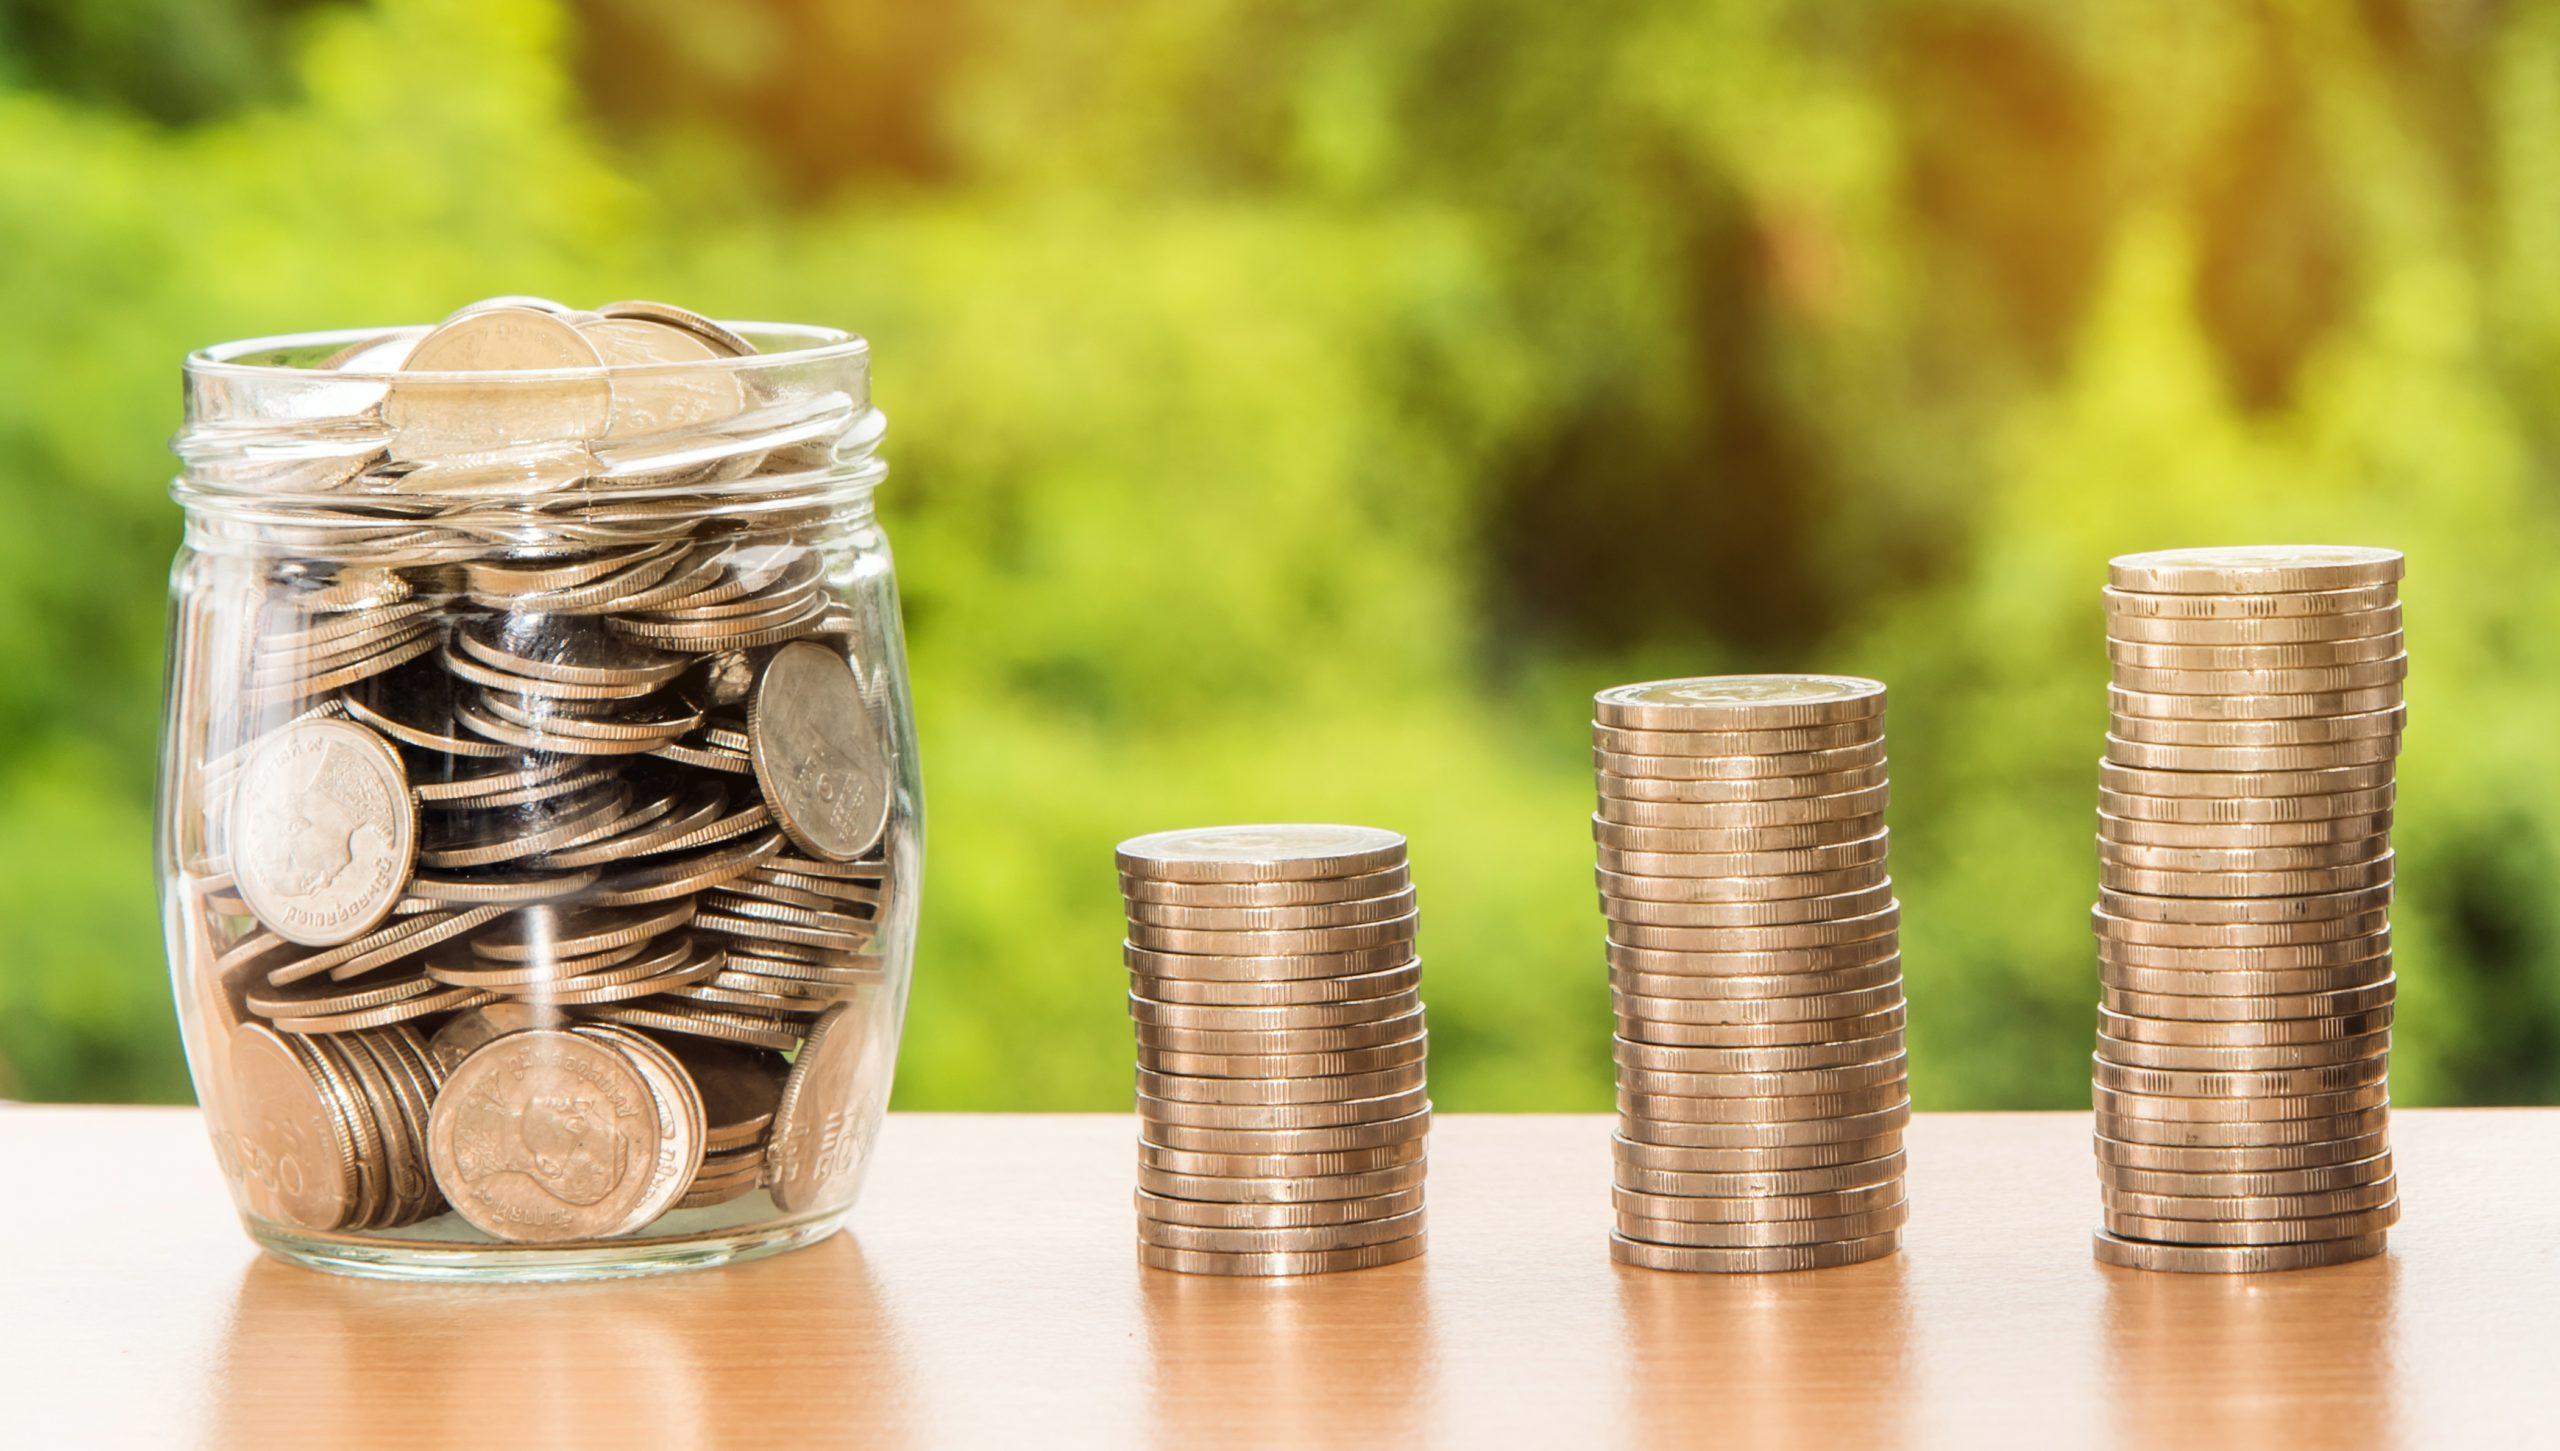 dunyaca unlu bankaya gore enflasyon riskinden korunmak icin bitcoin tercih ediliyor